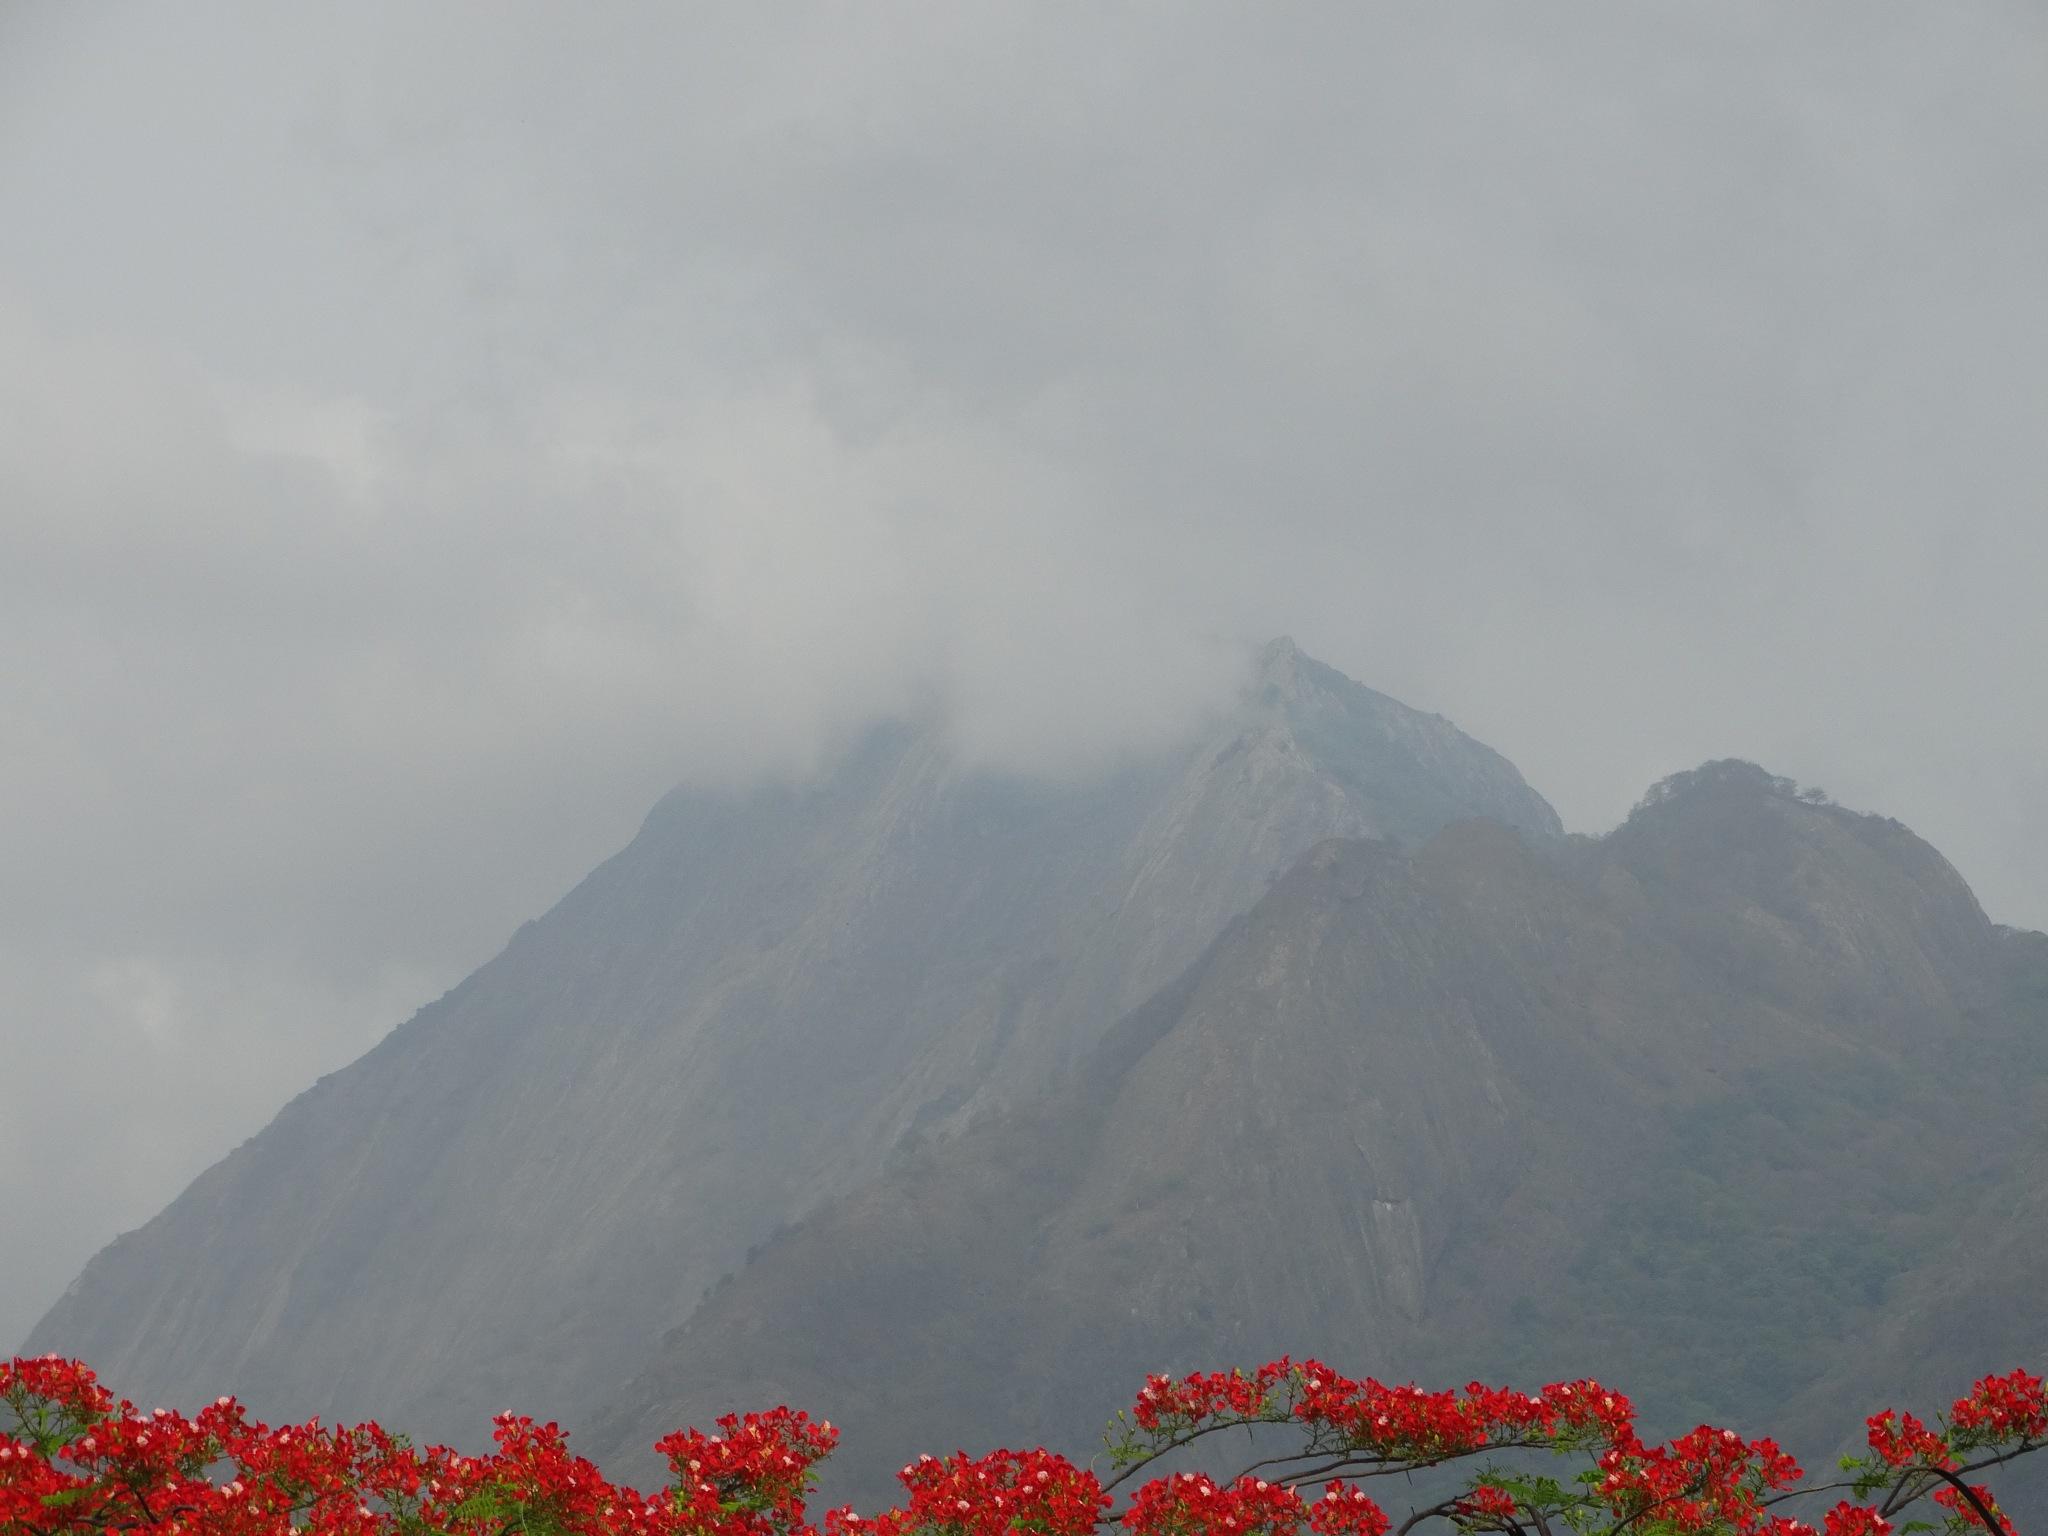 Cloudy Mountain by Sandeep Sandy